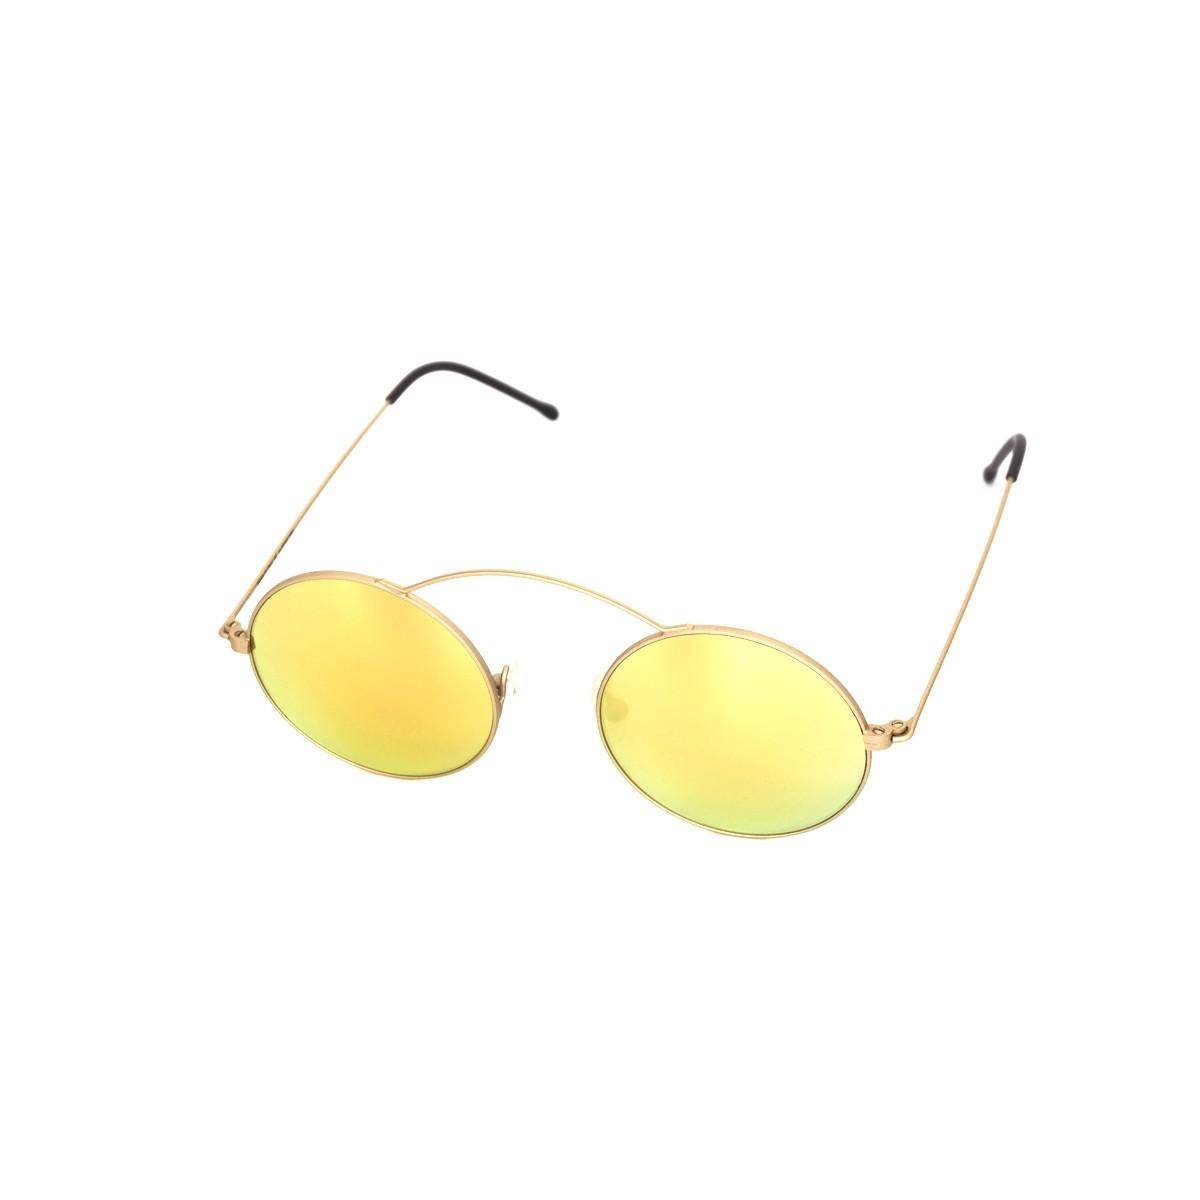 Spektre Metro Oro satinato oro specchio, 88,00€, Occhiali Spektre Oro a forma Rotondo